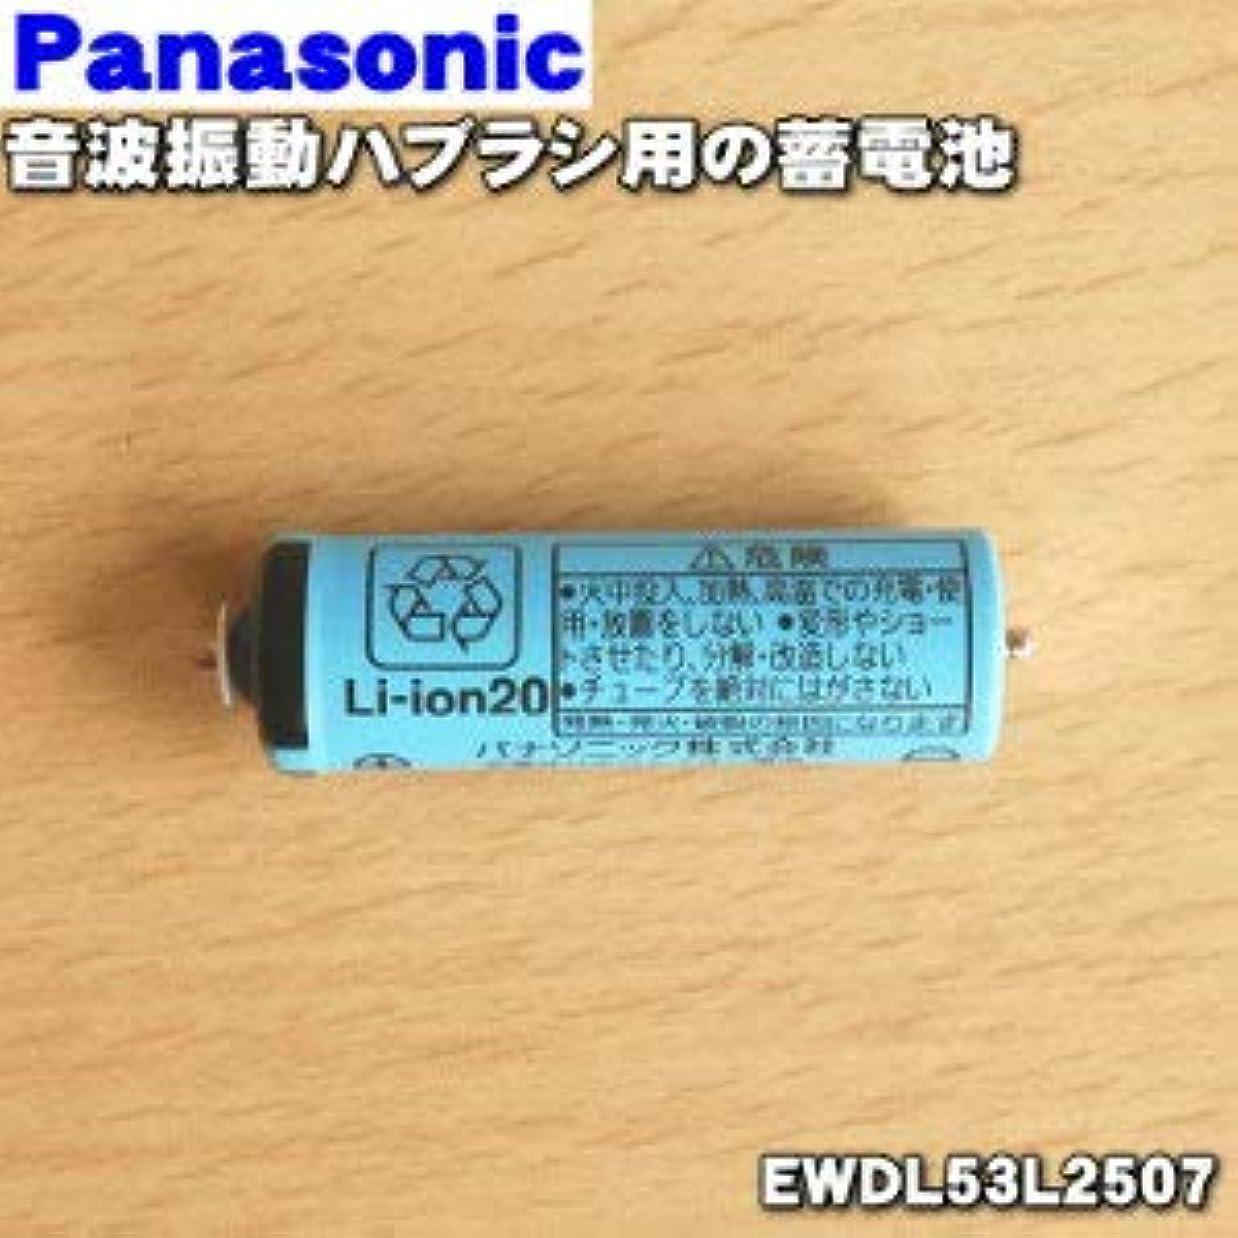 没頭する印象連鎖パナソニック Panasonic 音波振動ハブラシ Doltz 蓄電池交換用蓄電池 EWDL53L2507